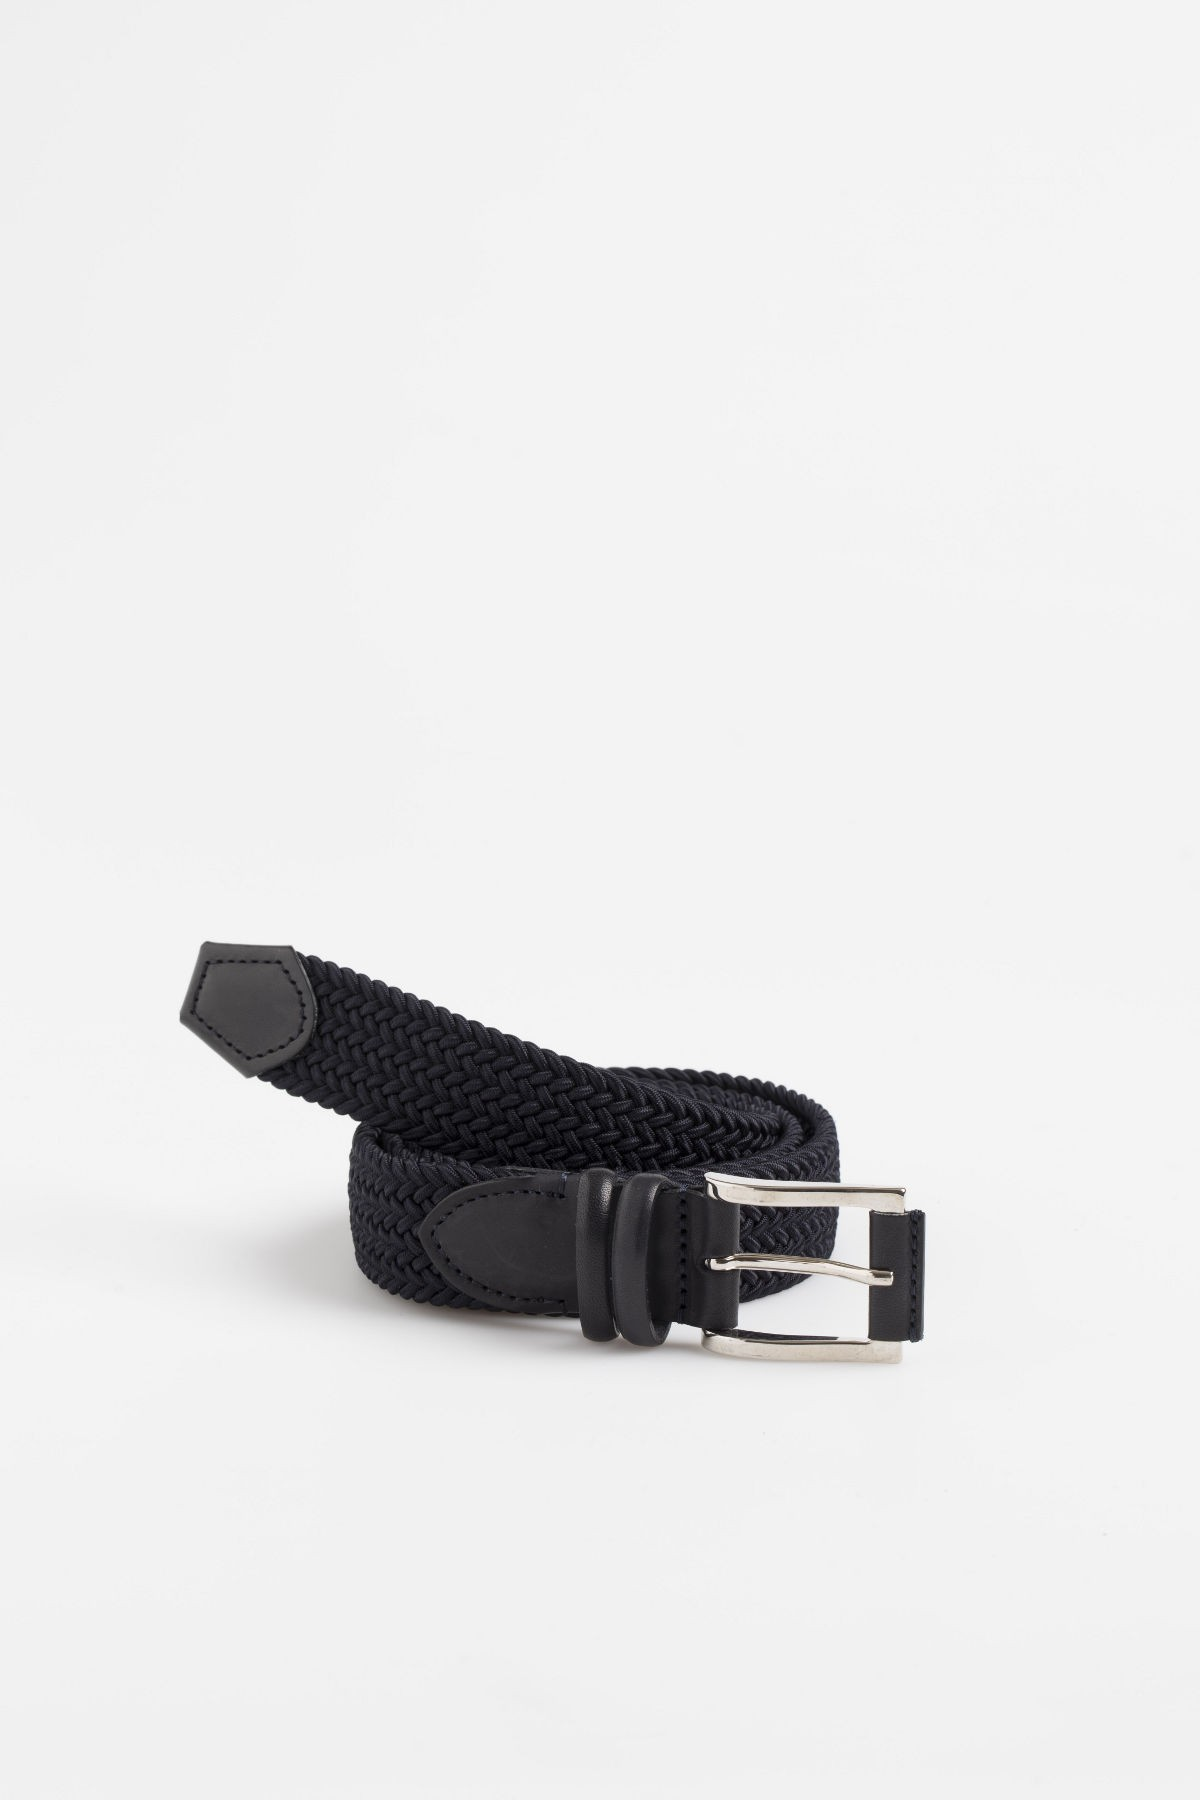 Small Leather Goods - Belts Sergio Gavazzeni e2FGJ